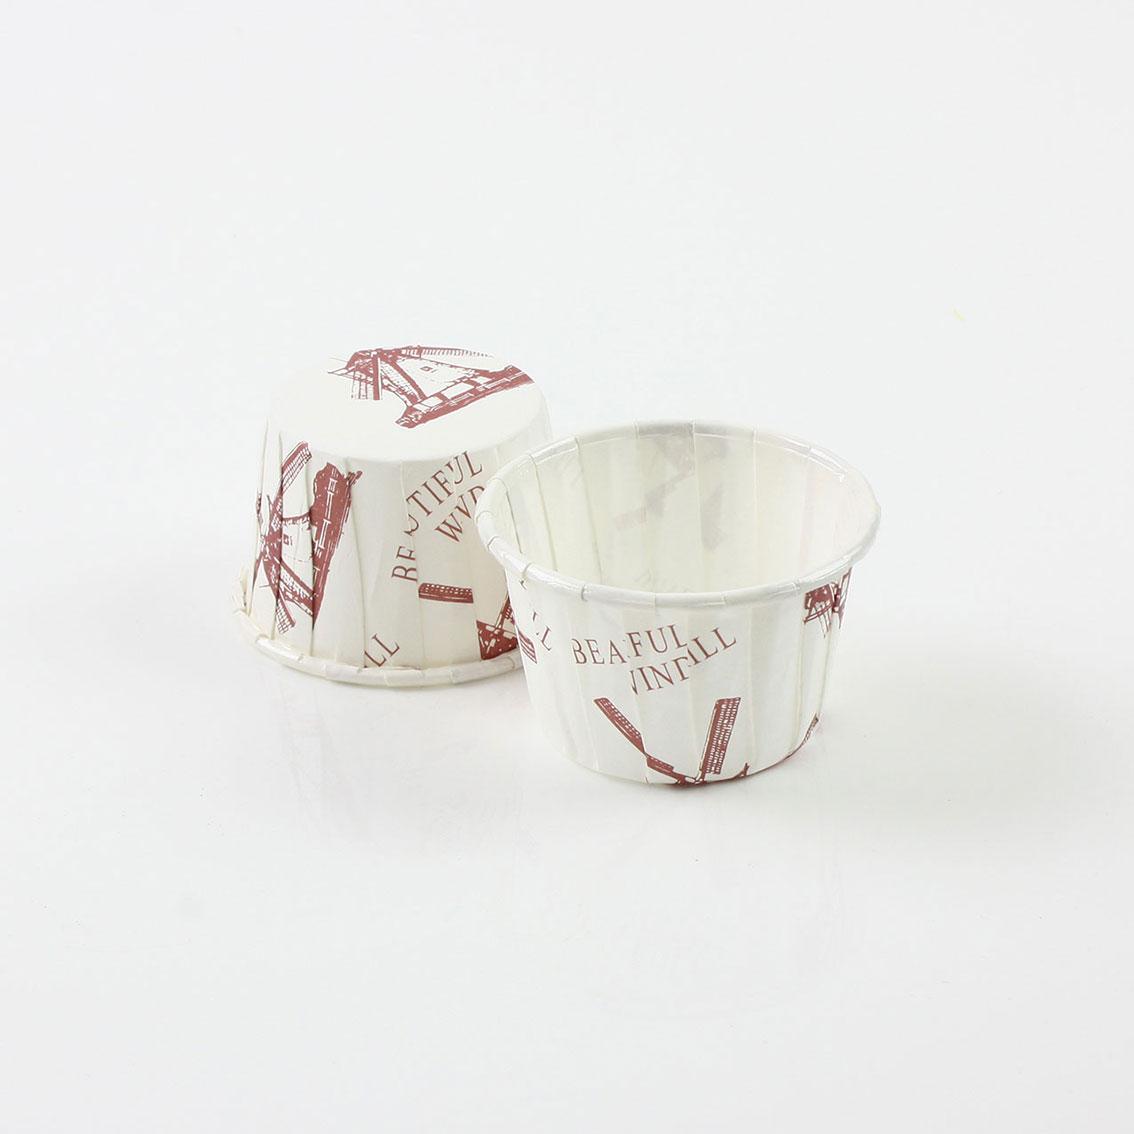 瑪芬杯、杯子蛋糕、捲口杯 PET3830-01 風車(100pcs/包)